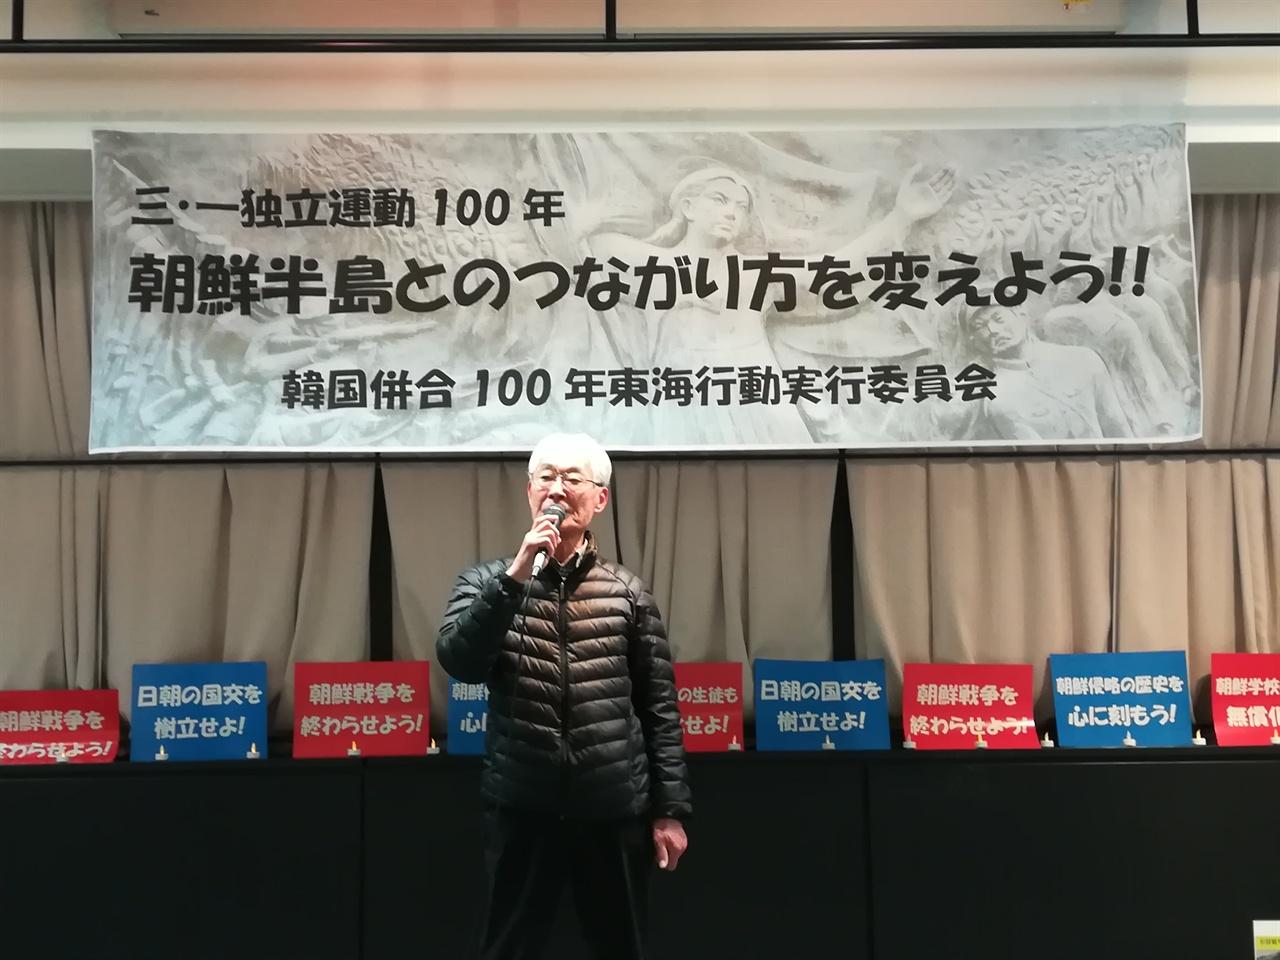 3.1운동 100주년 기념 행사 시를 낭독하는 이소가이 지로 선생